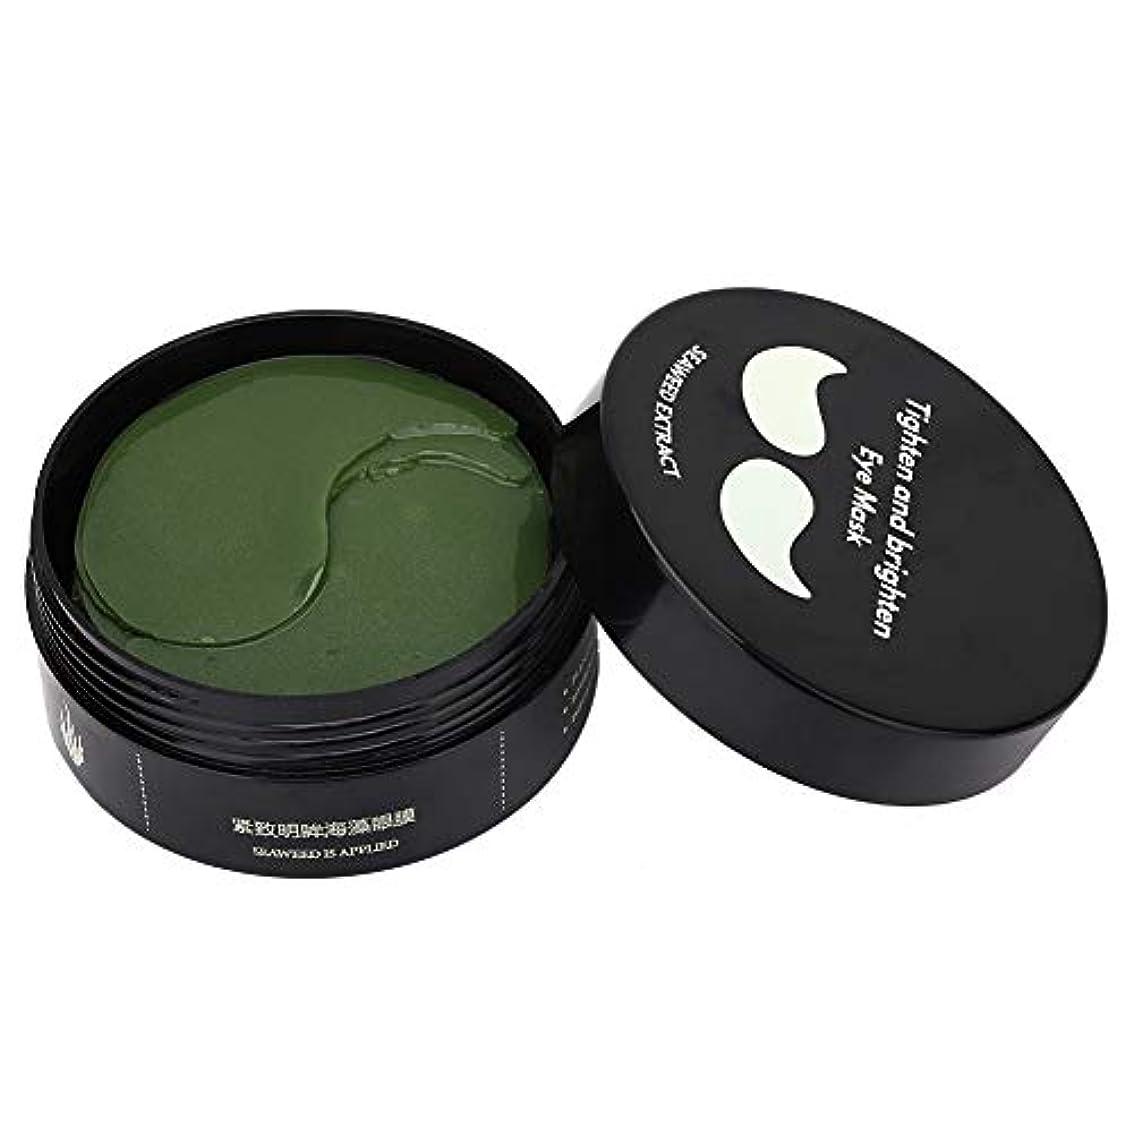 アジテーション同行するエイズアイジェルマスク、60個/箱緑藻アイジェルマスクしわ防止しわくちゃダークサークル保湿引き締めパット产品標题(タイトル):